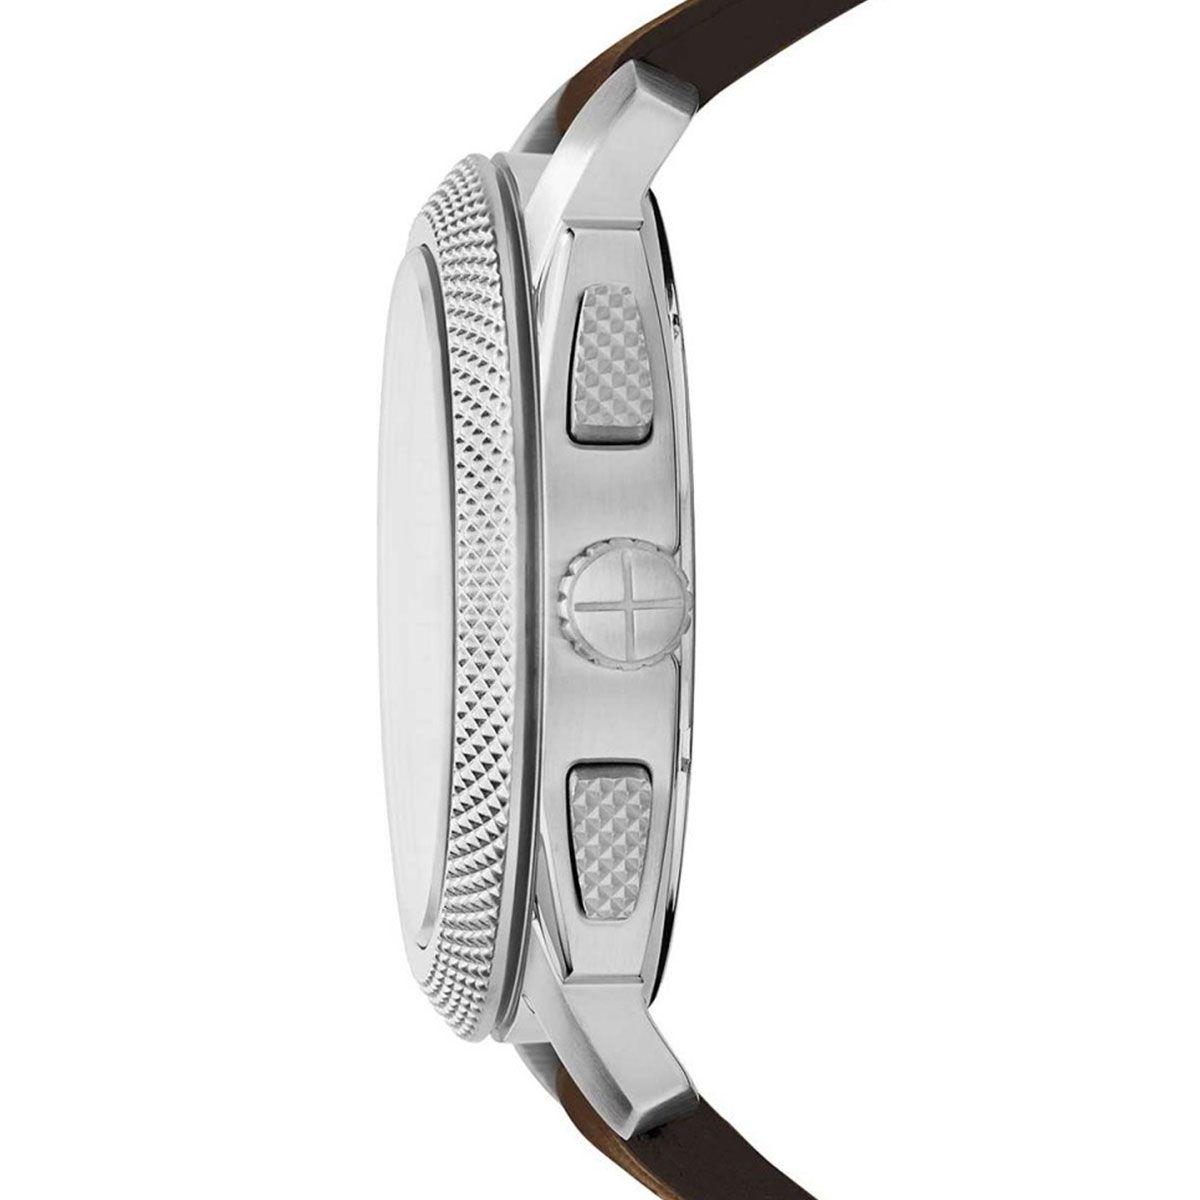 ساعت مچی عقربه ای مردانه فسیل مدل FS5108 -  - 2